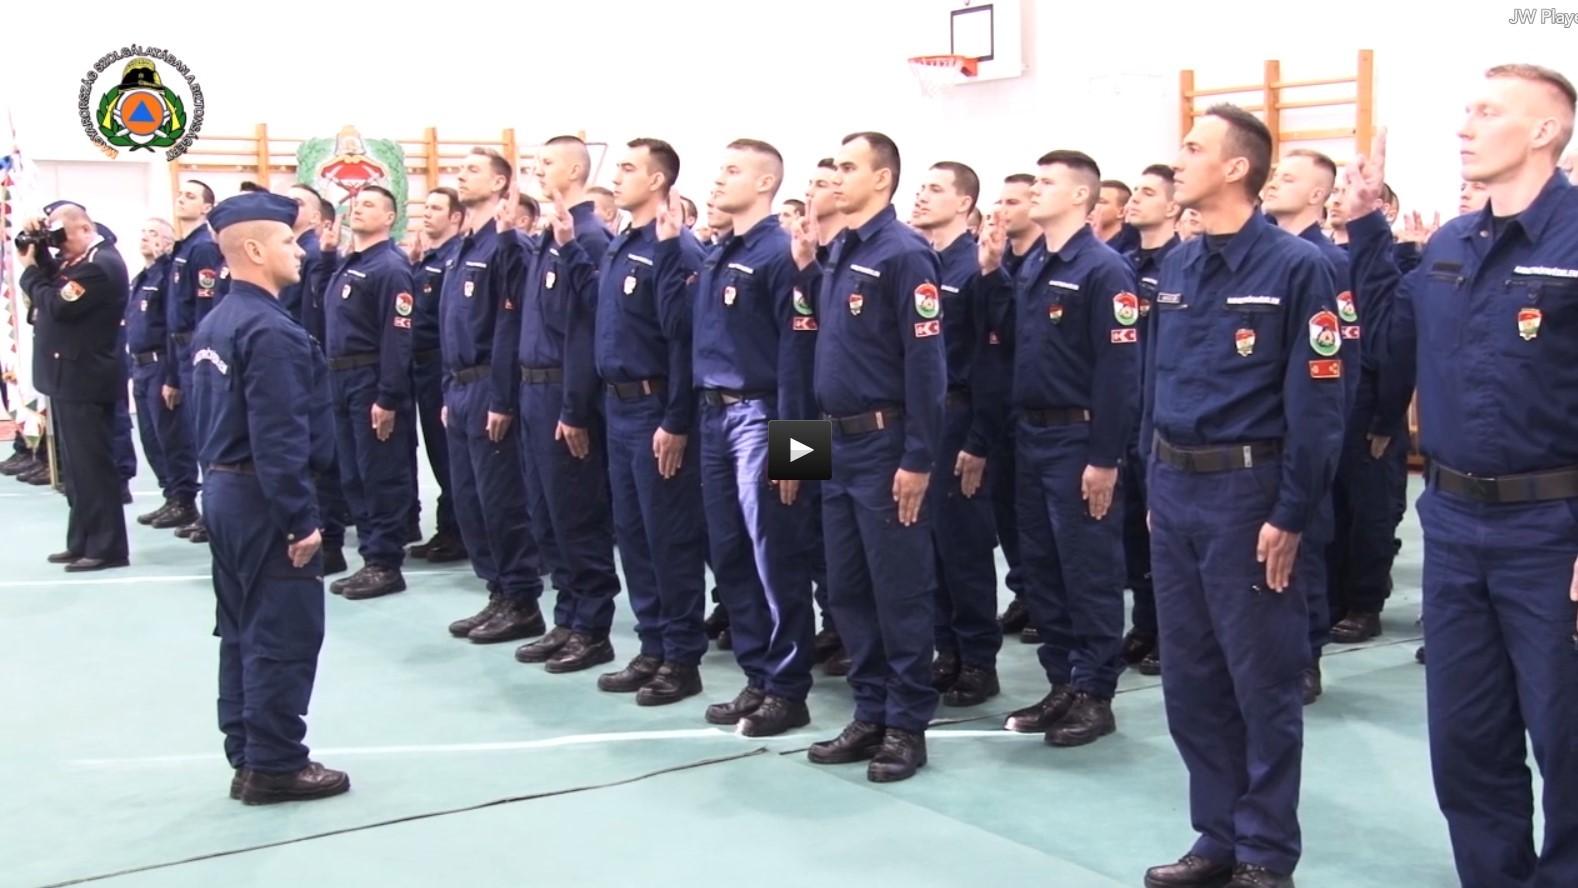 Több mint nyolcvanan tettek tiszthelyettesi fogadalmat